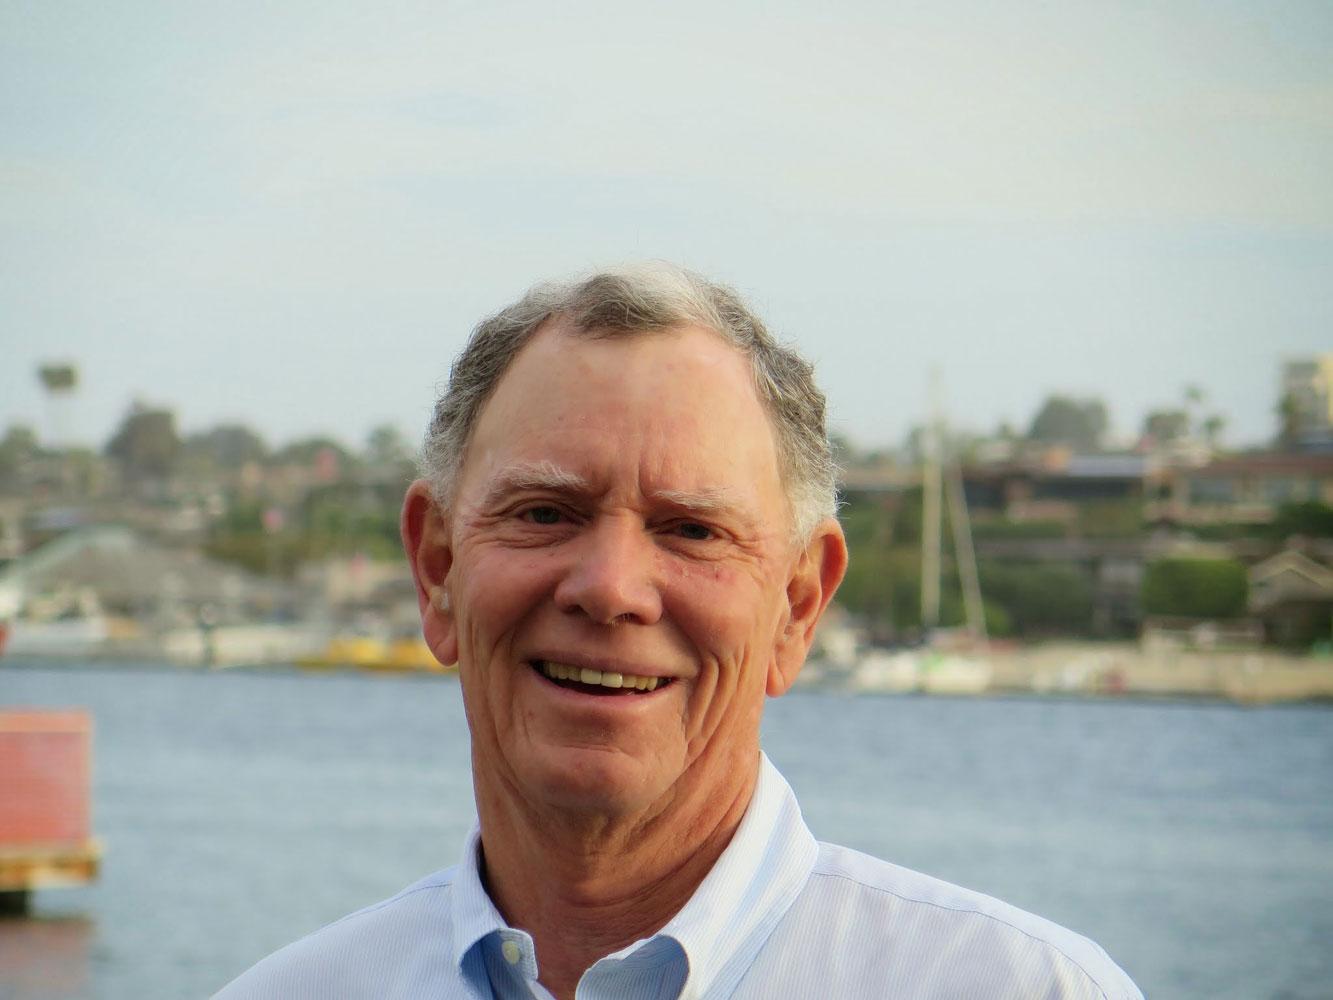 Spotlight on Tim Hogan